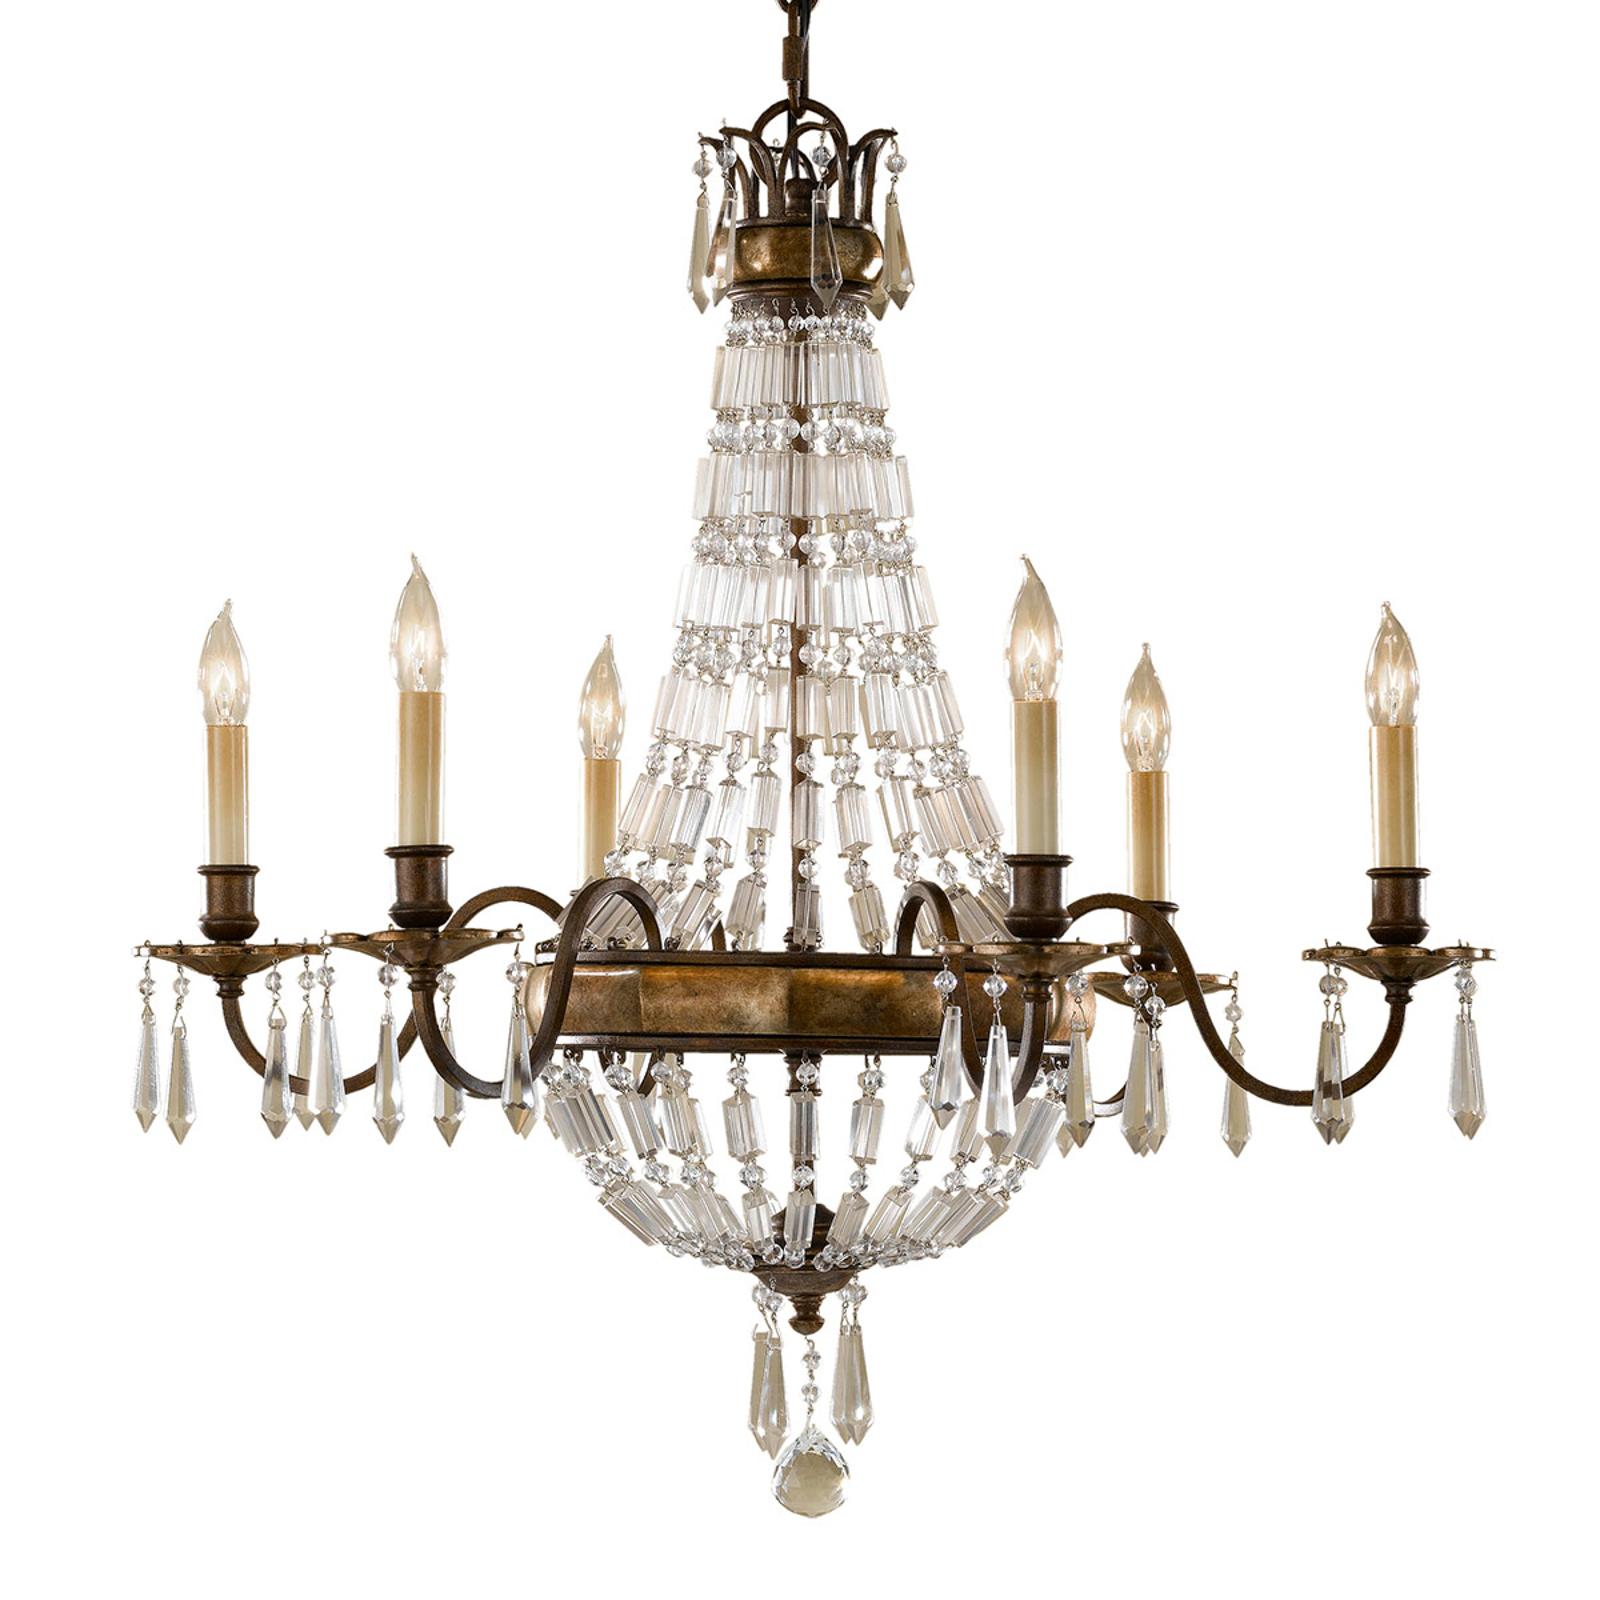 Bellini - lysekrone i antikinspireret stil